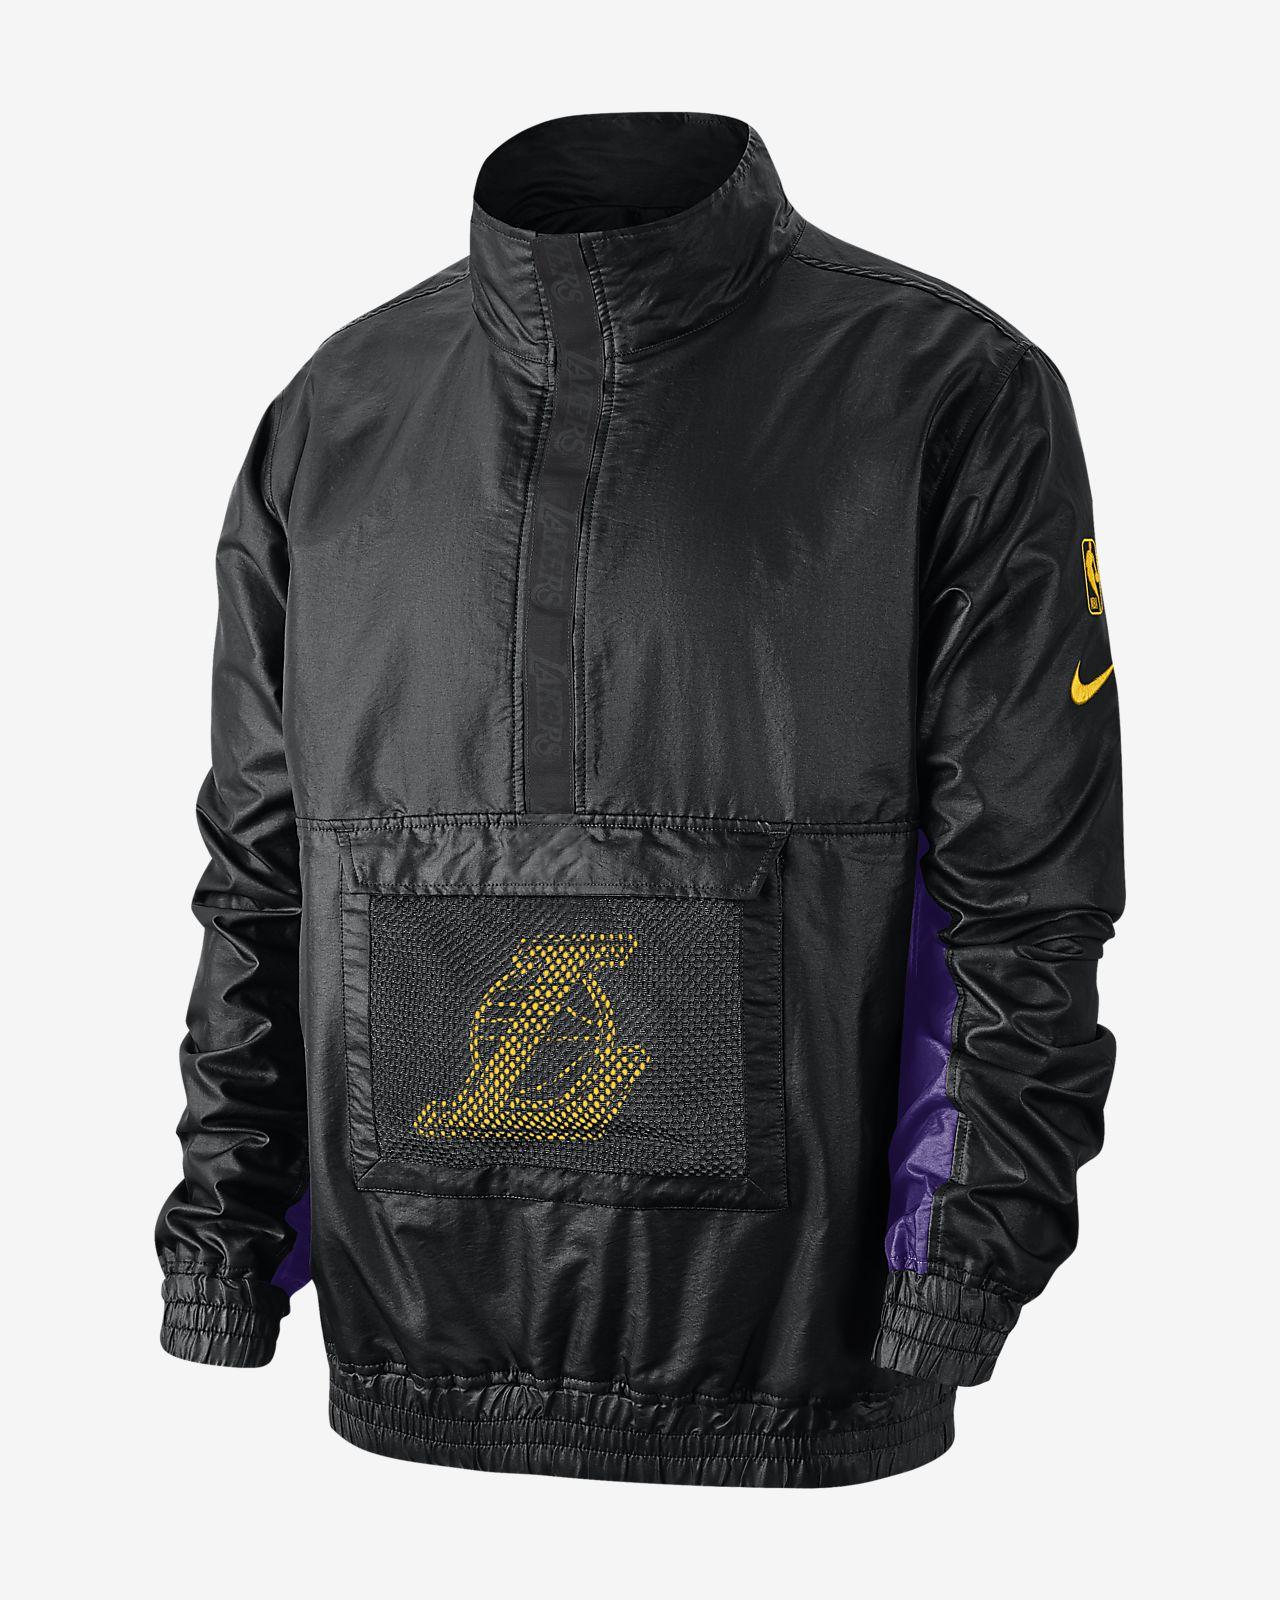 012f506c9 ... La chamarra de la NBA ligera para hombre Los Angeles Lakers Nike